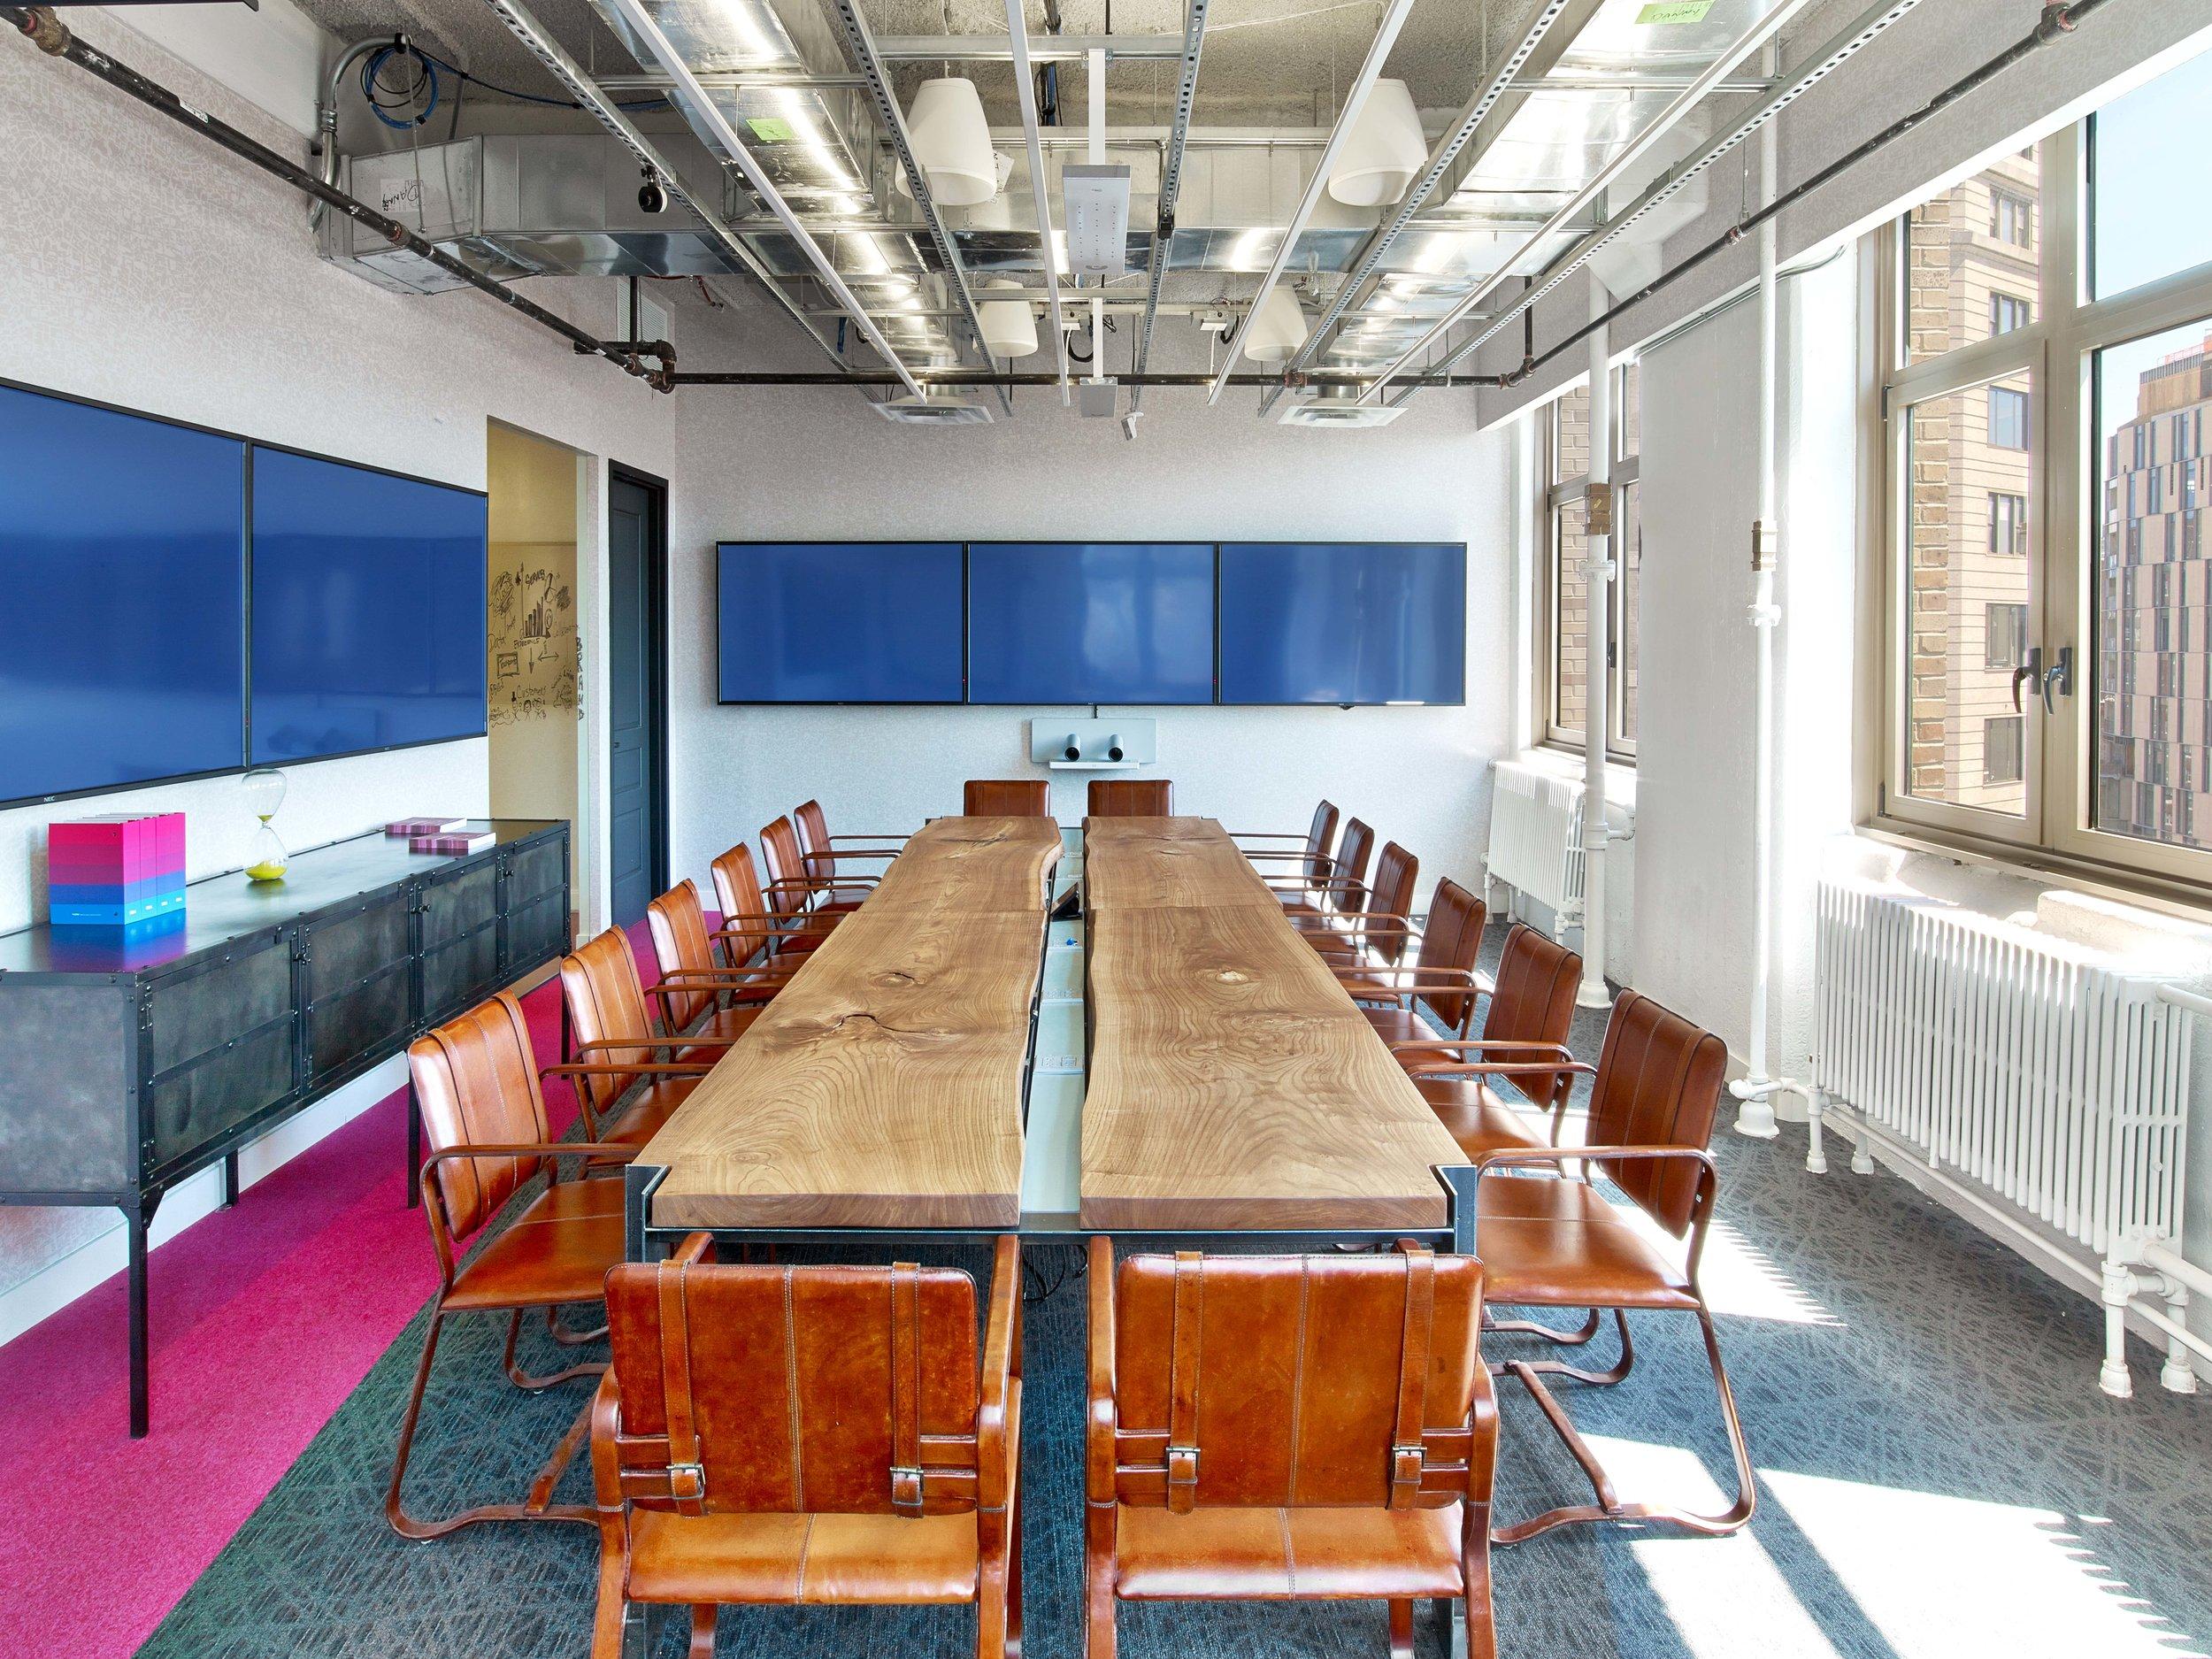 3a-Accenture-boardroom.jpg